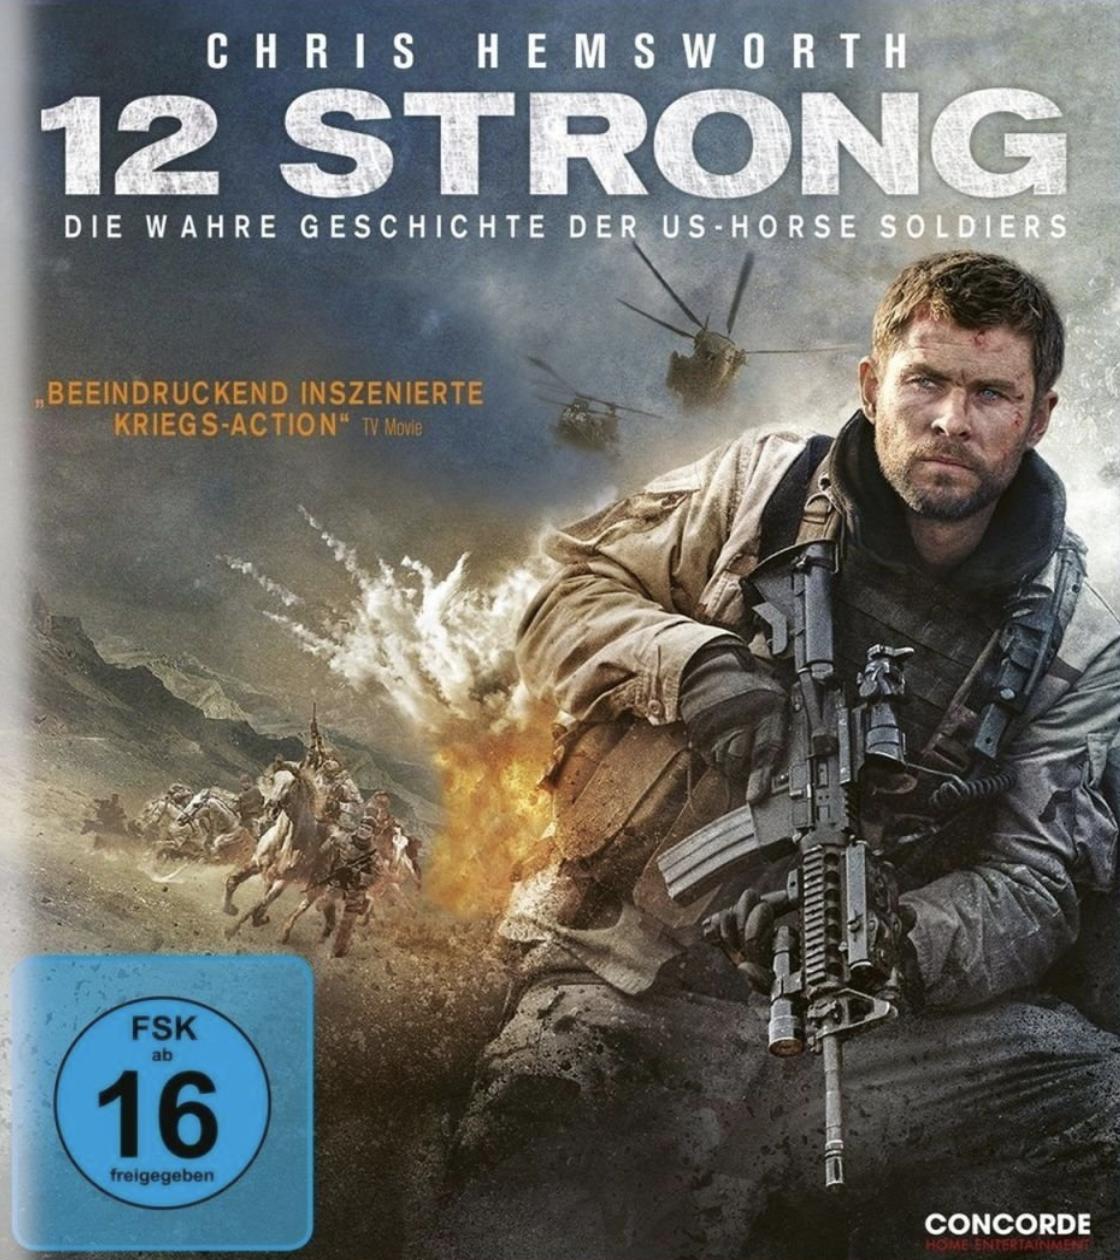 12 Strong – Die wahre Geschichte der US-Horse Soldiers